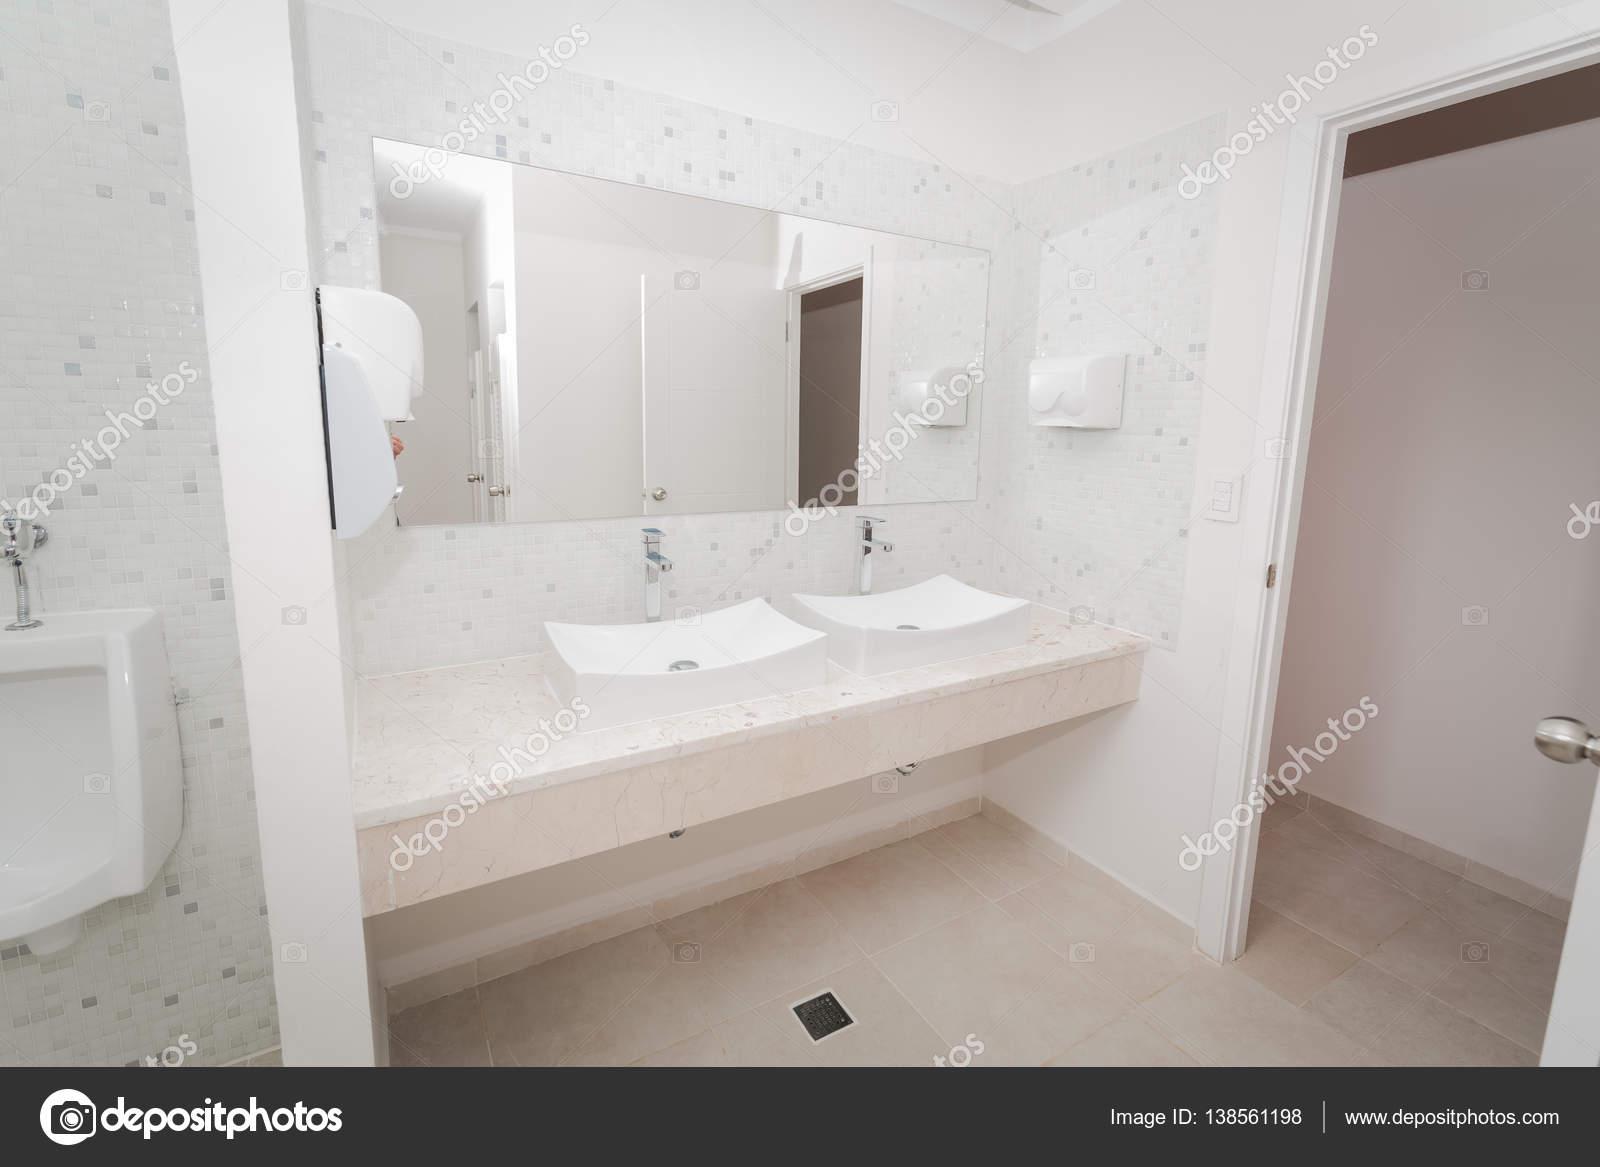 Gorgeous Piękny Widok Nowoczesną Stylową łazienką Z Duży